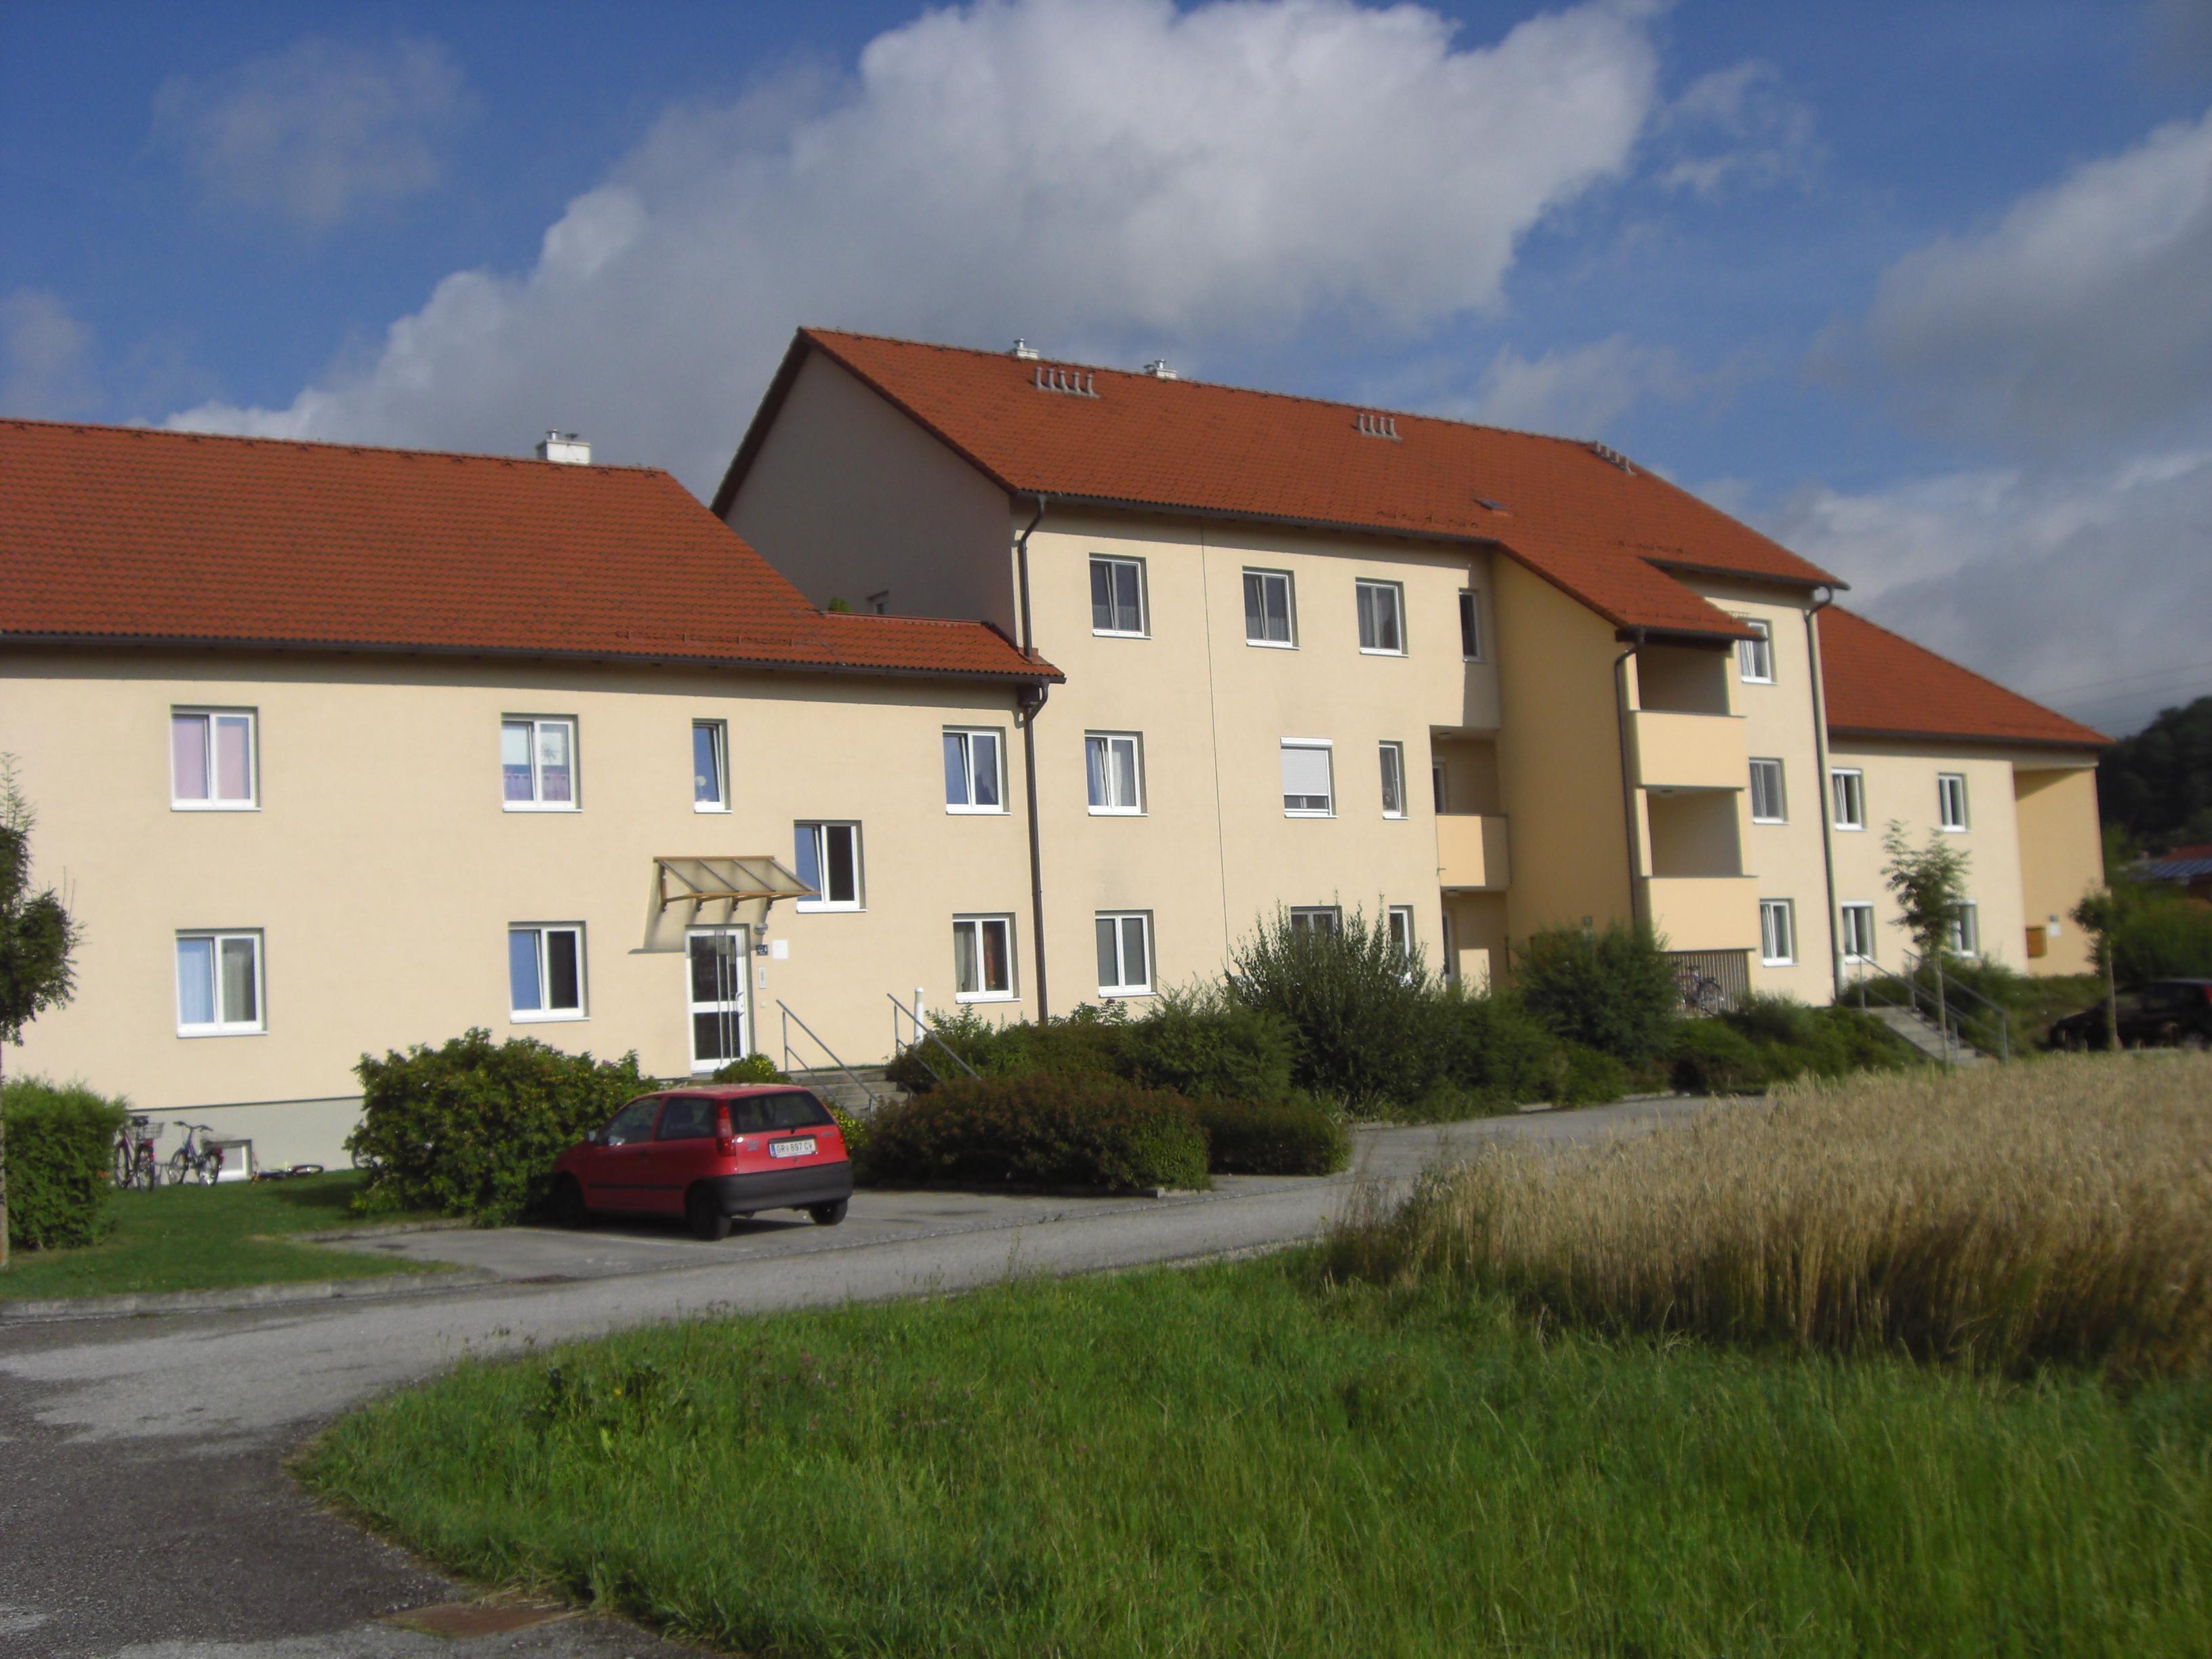 Immobilie von LAWOG in Tolleterau 180/2, 4710 St. Georgen bei Grieskirchen #0